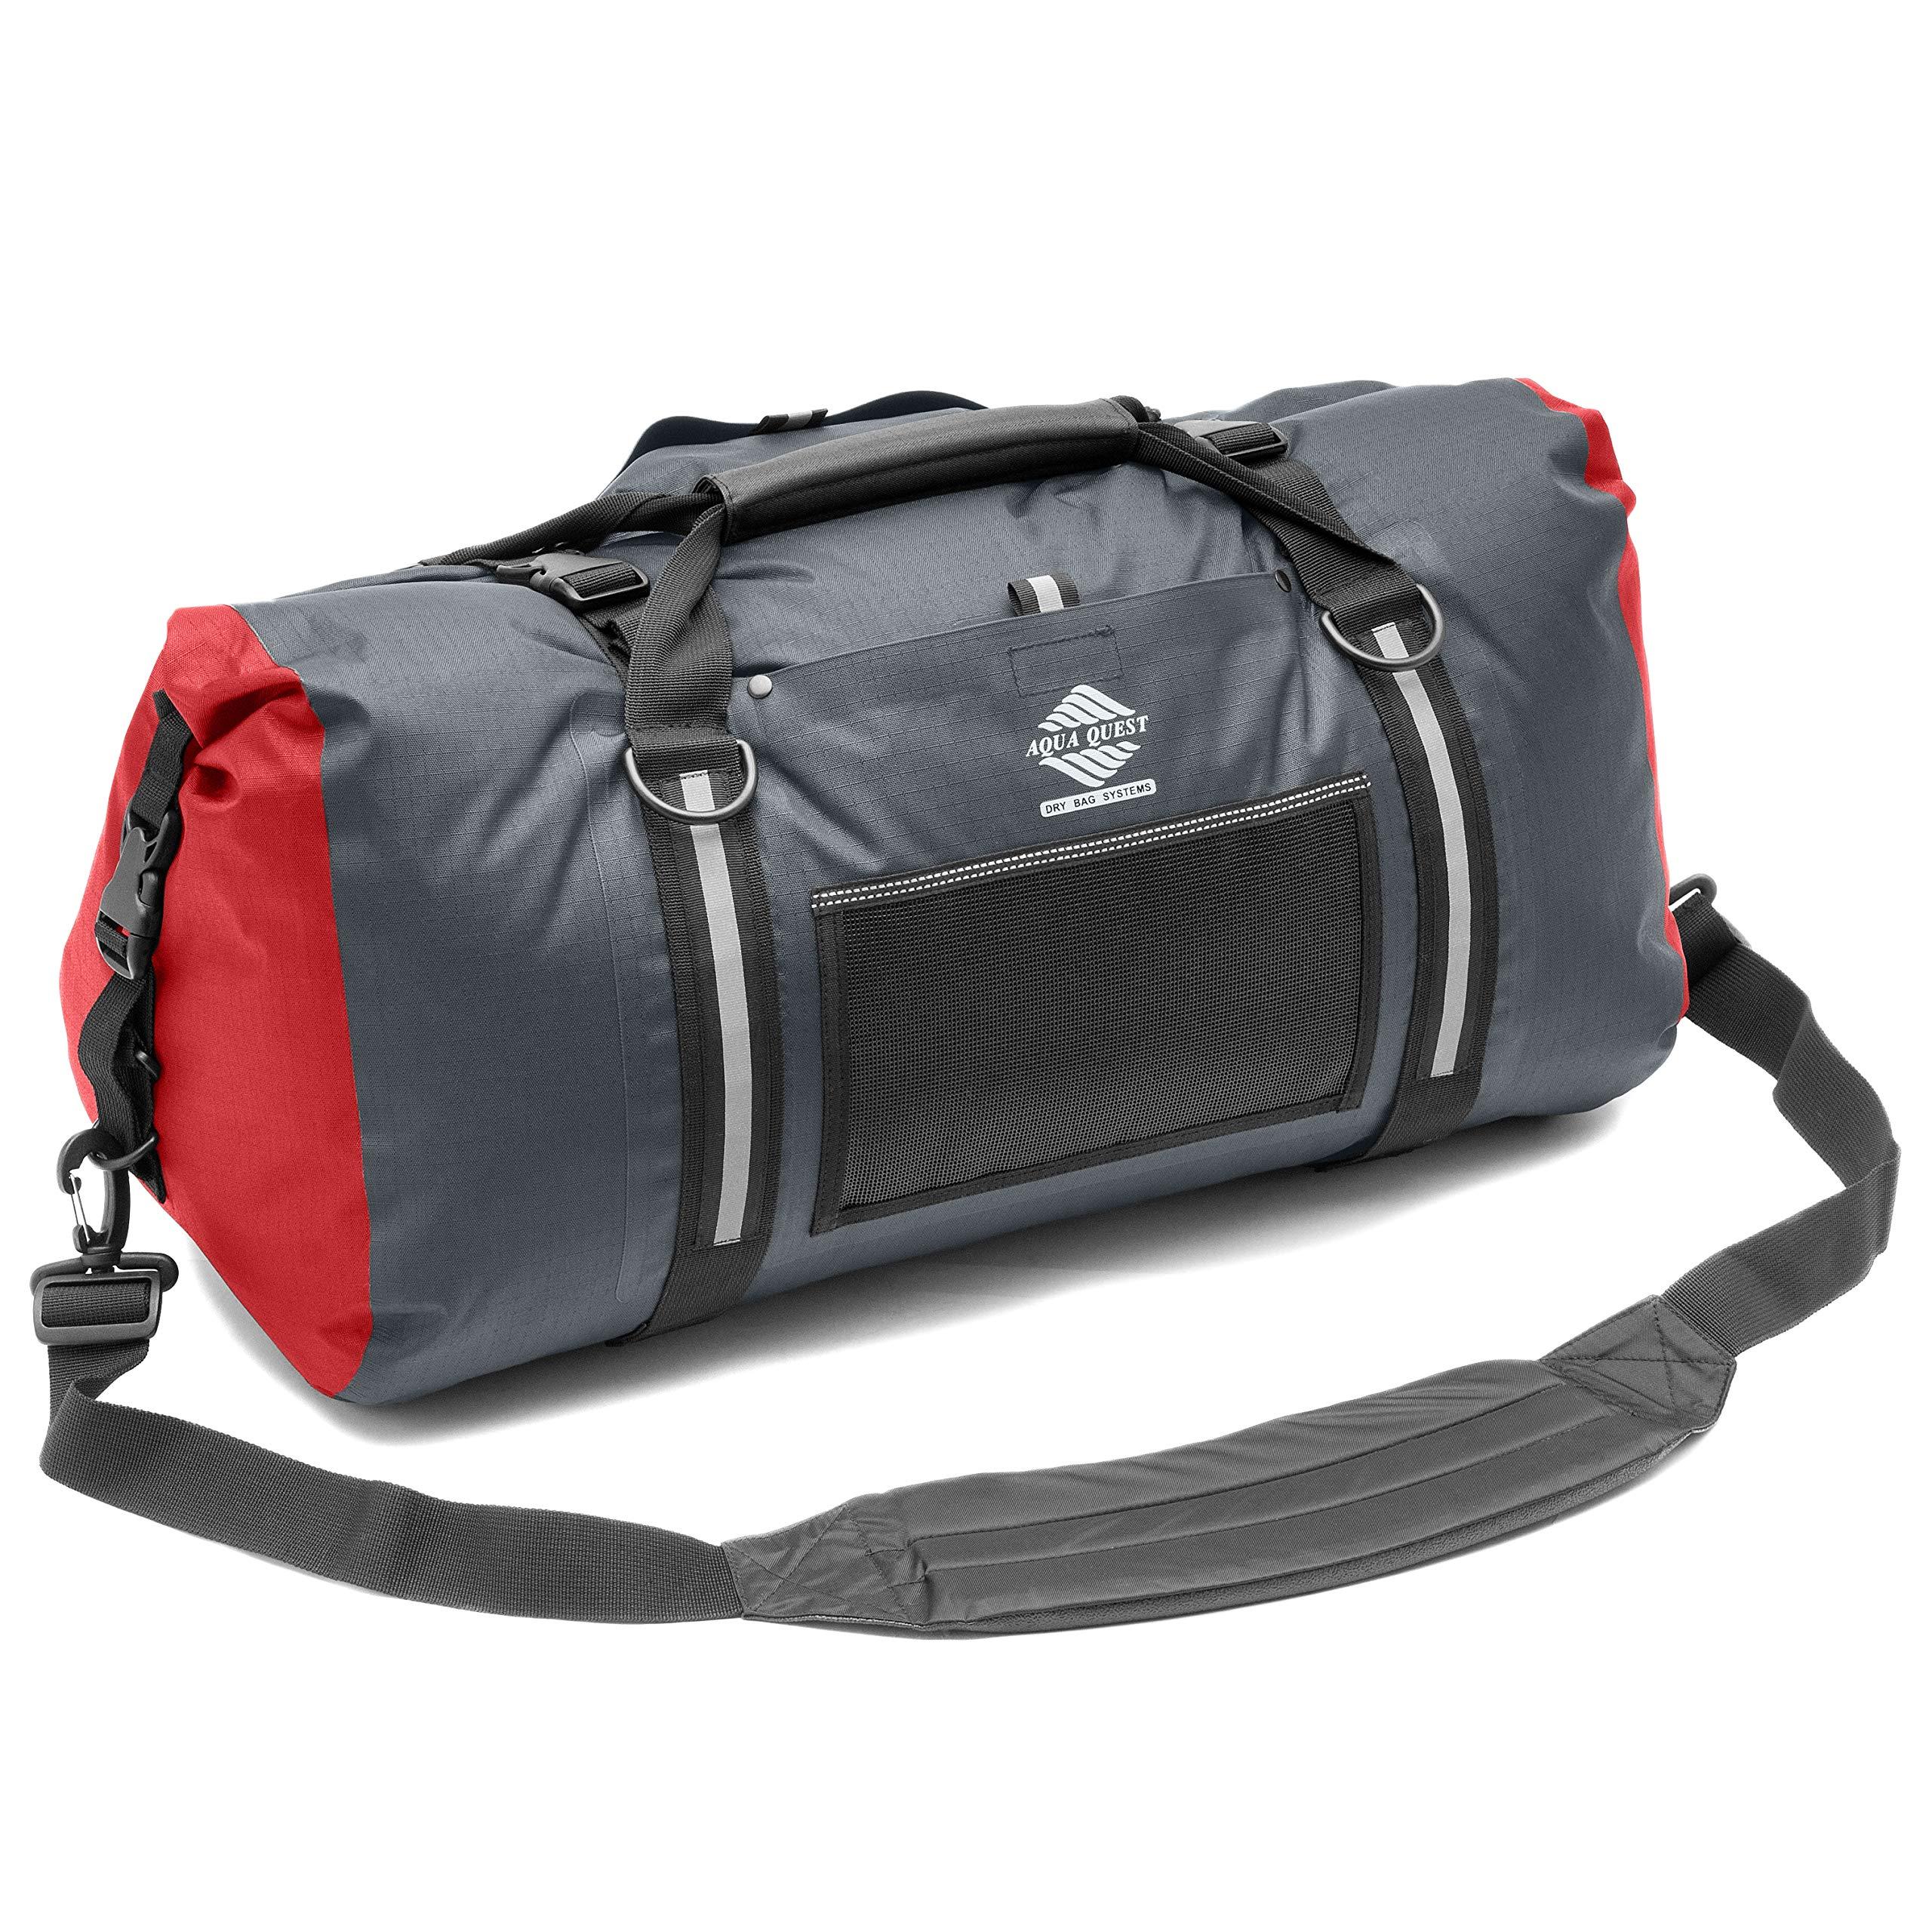 Aqua Quest White Water Duffel - 100% Waterproof 50 L Bag - Lightweight, Durable, External Pockets - Charcoal